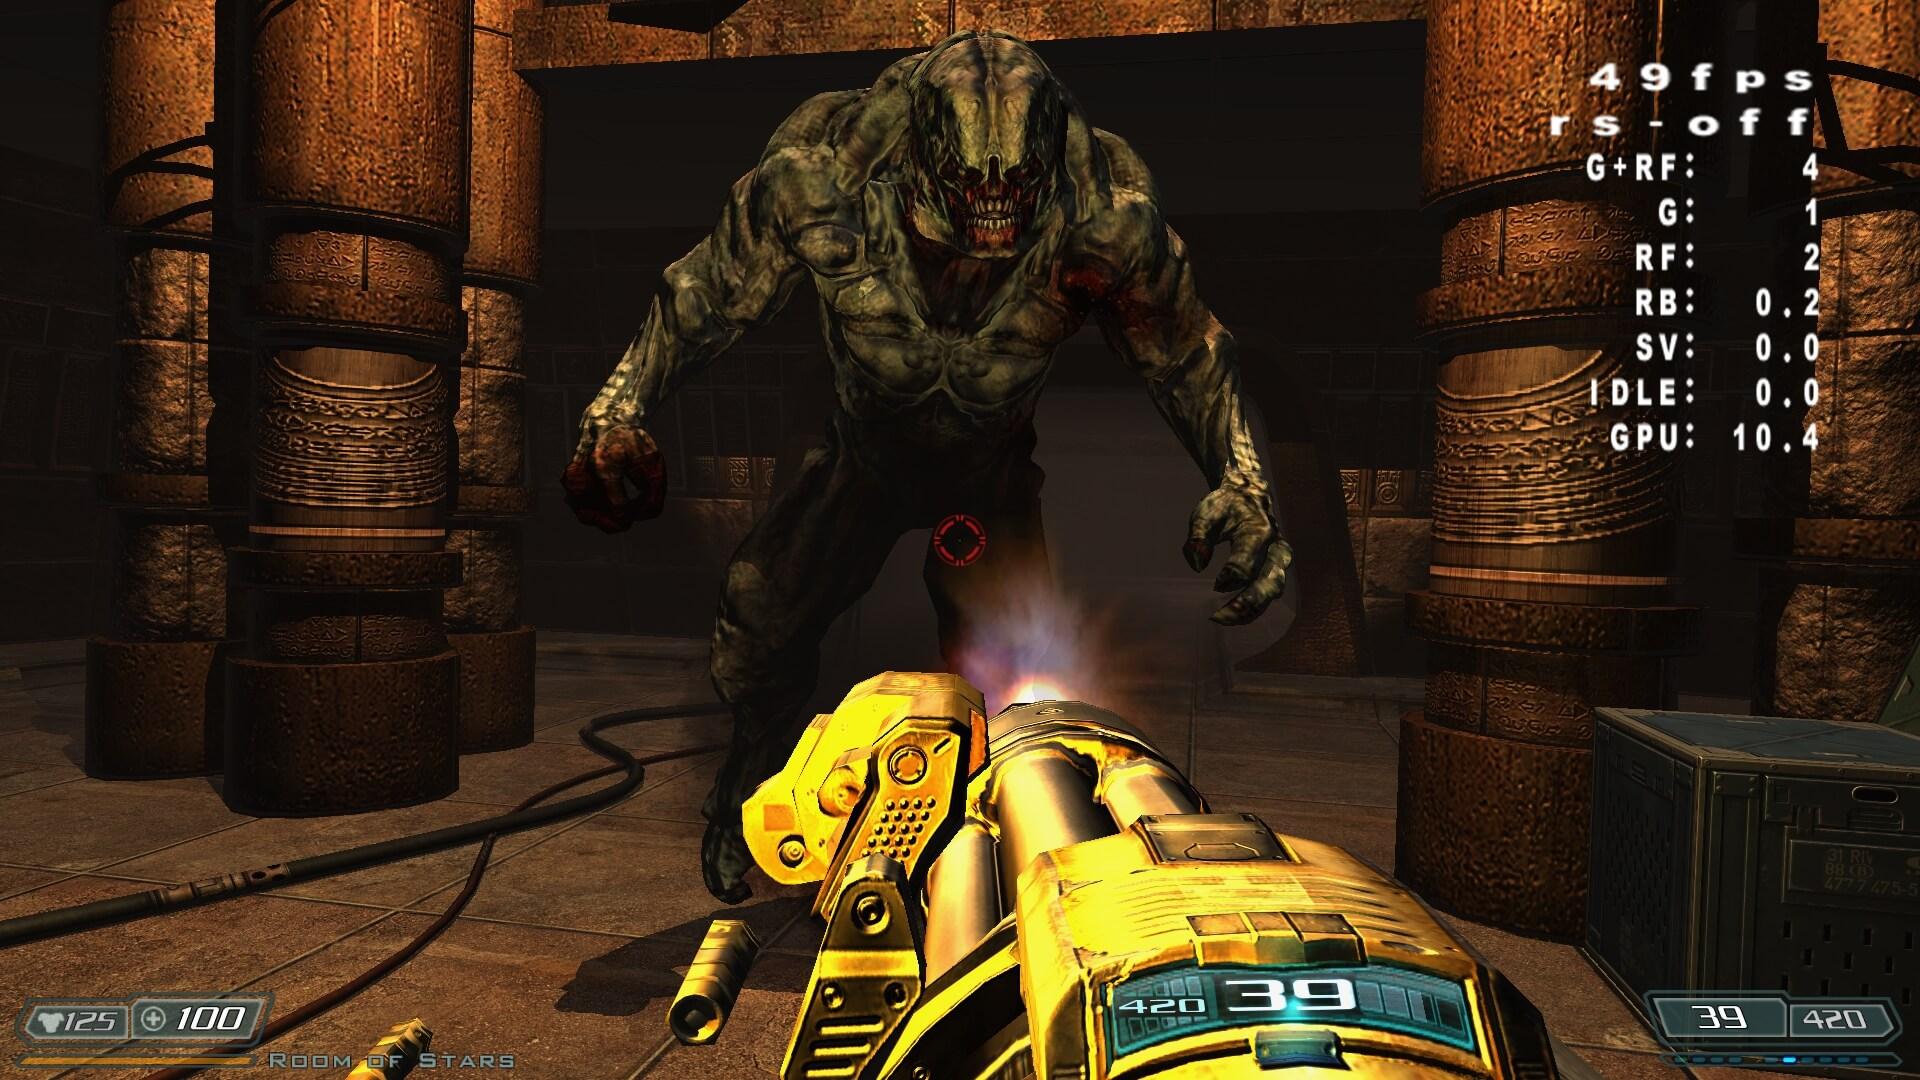 Мод Doom 3 BFG Hi Def добавляет многополигональные модели